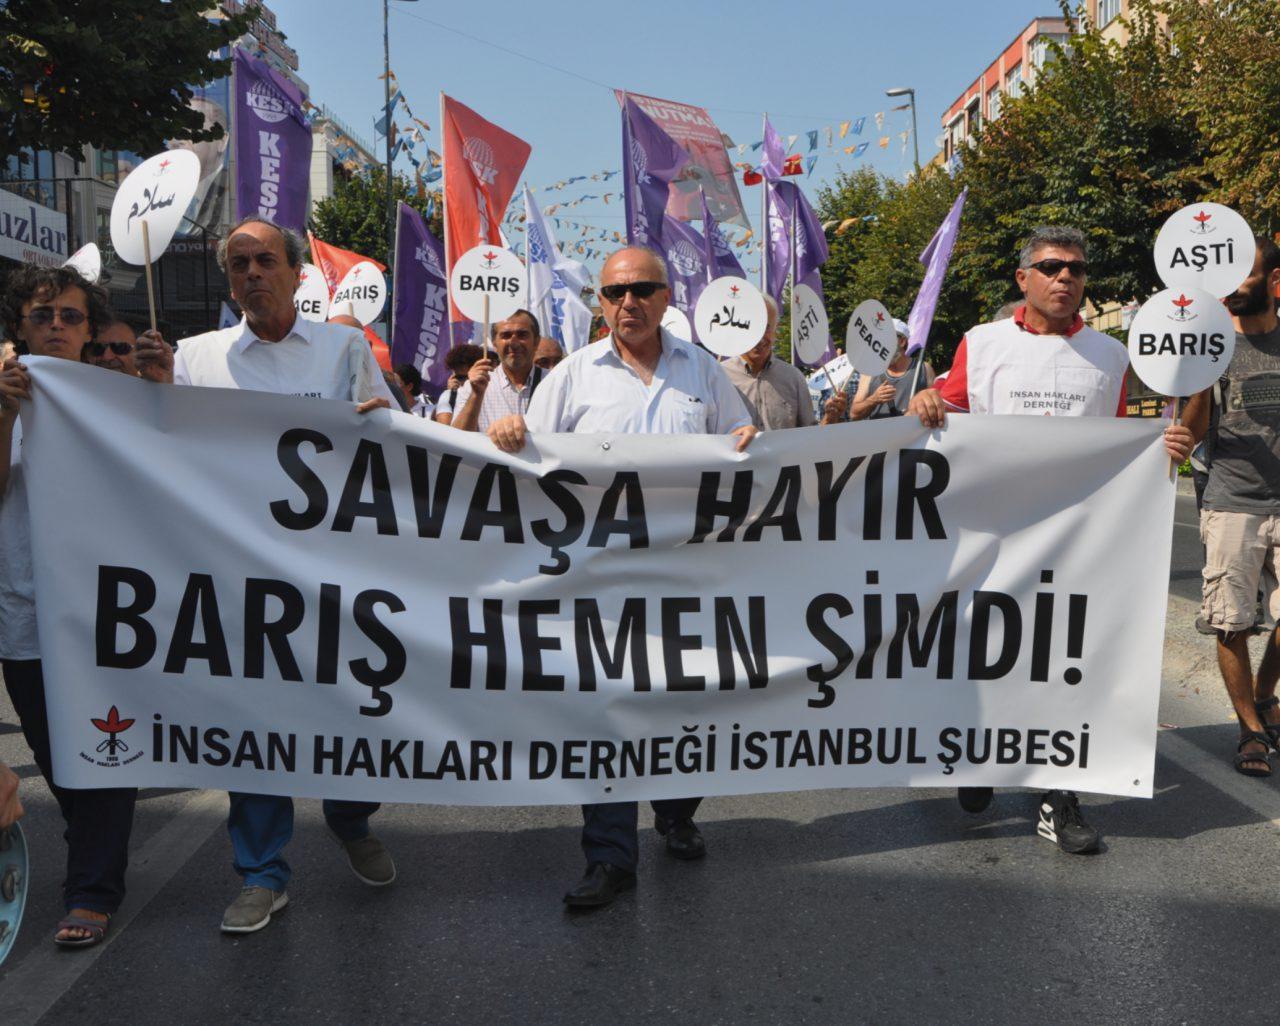 """1 Eylül Dünya Barış Günü'nde: """"Barıştan, Demokrasiden Vazgeçilemez"""""""